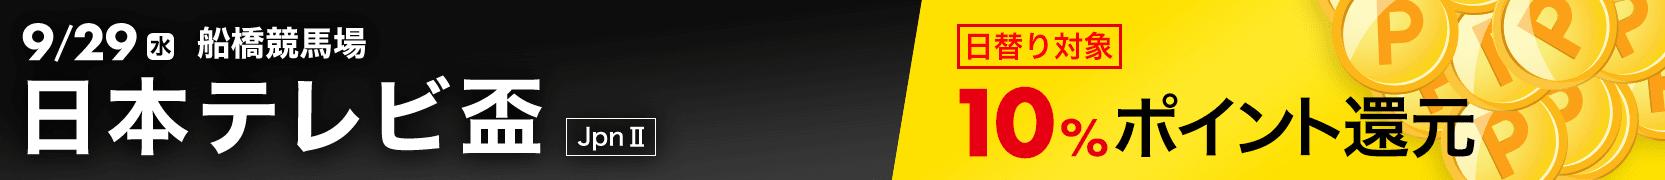 ダートグレード競走:日本テレビ盃(2021)特集ページ